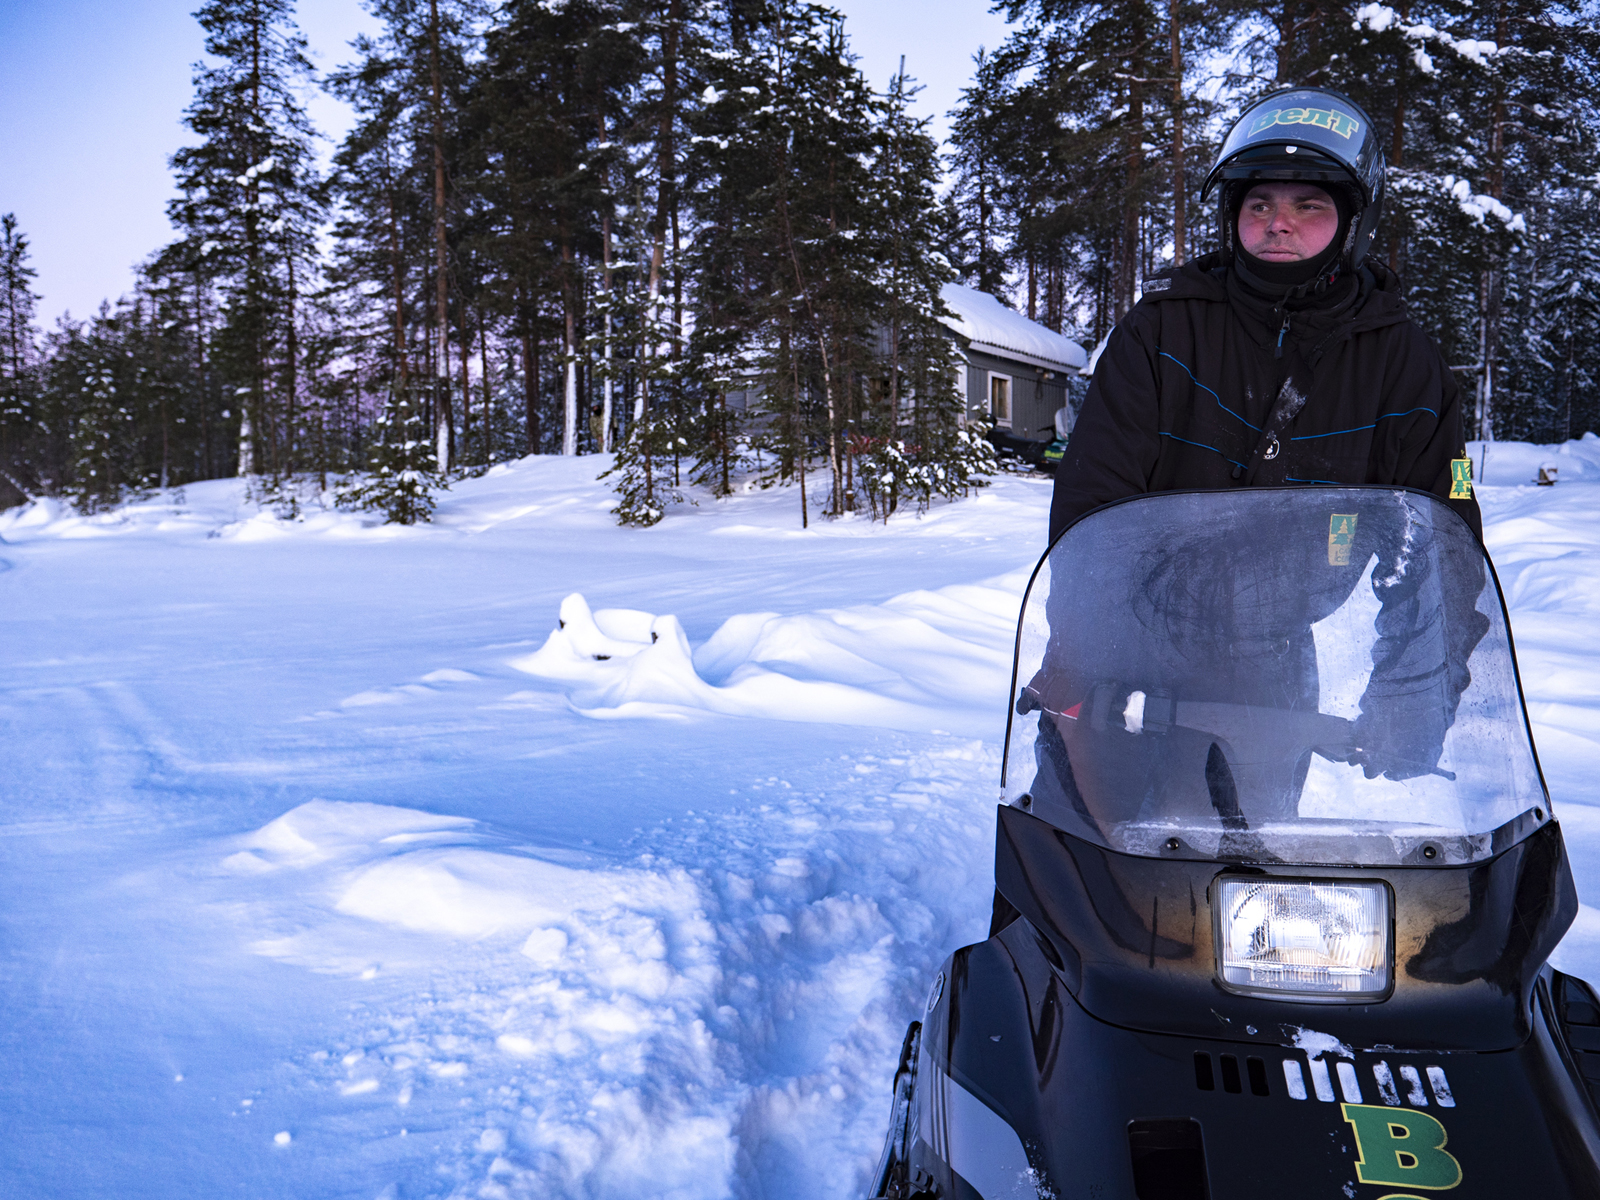 Тур на снегоходах в Карелии зимой - северный прорыв лайт